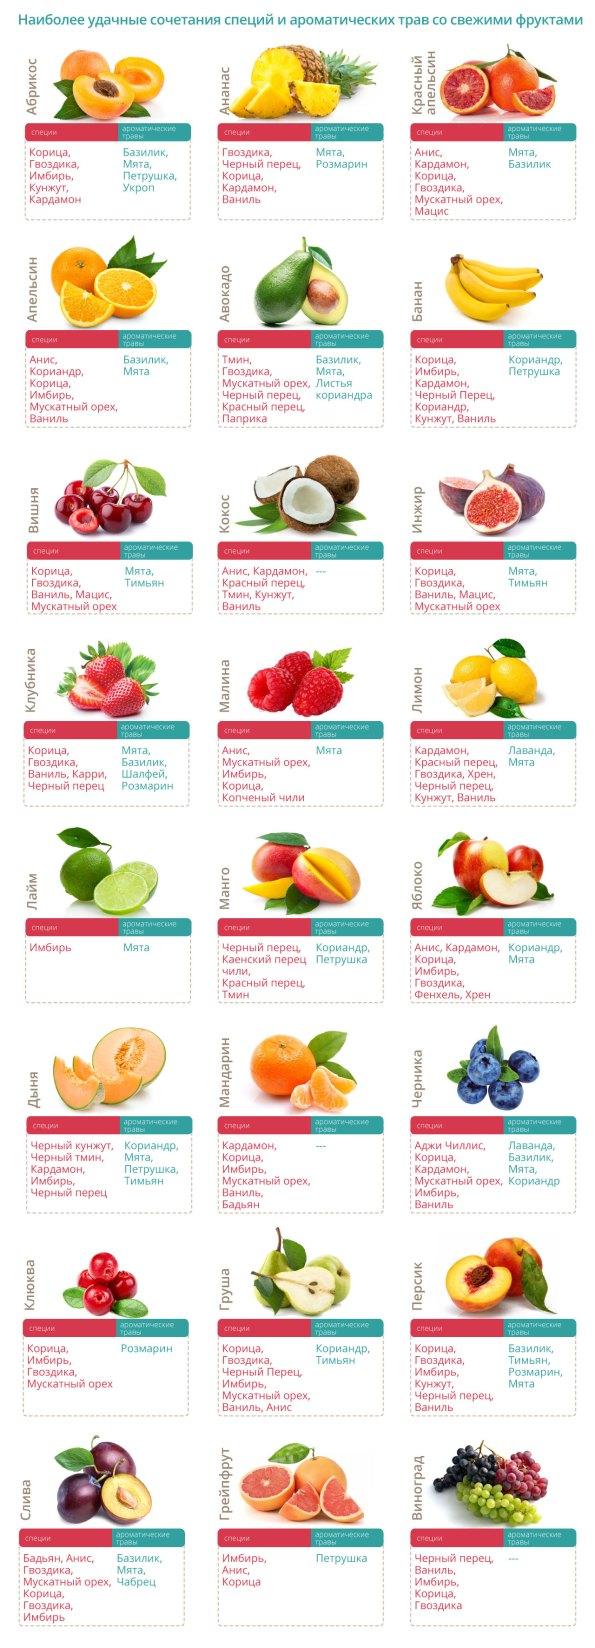 Наиболее удачные сочетания фруктов со специями и ароматическими травами